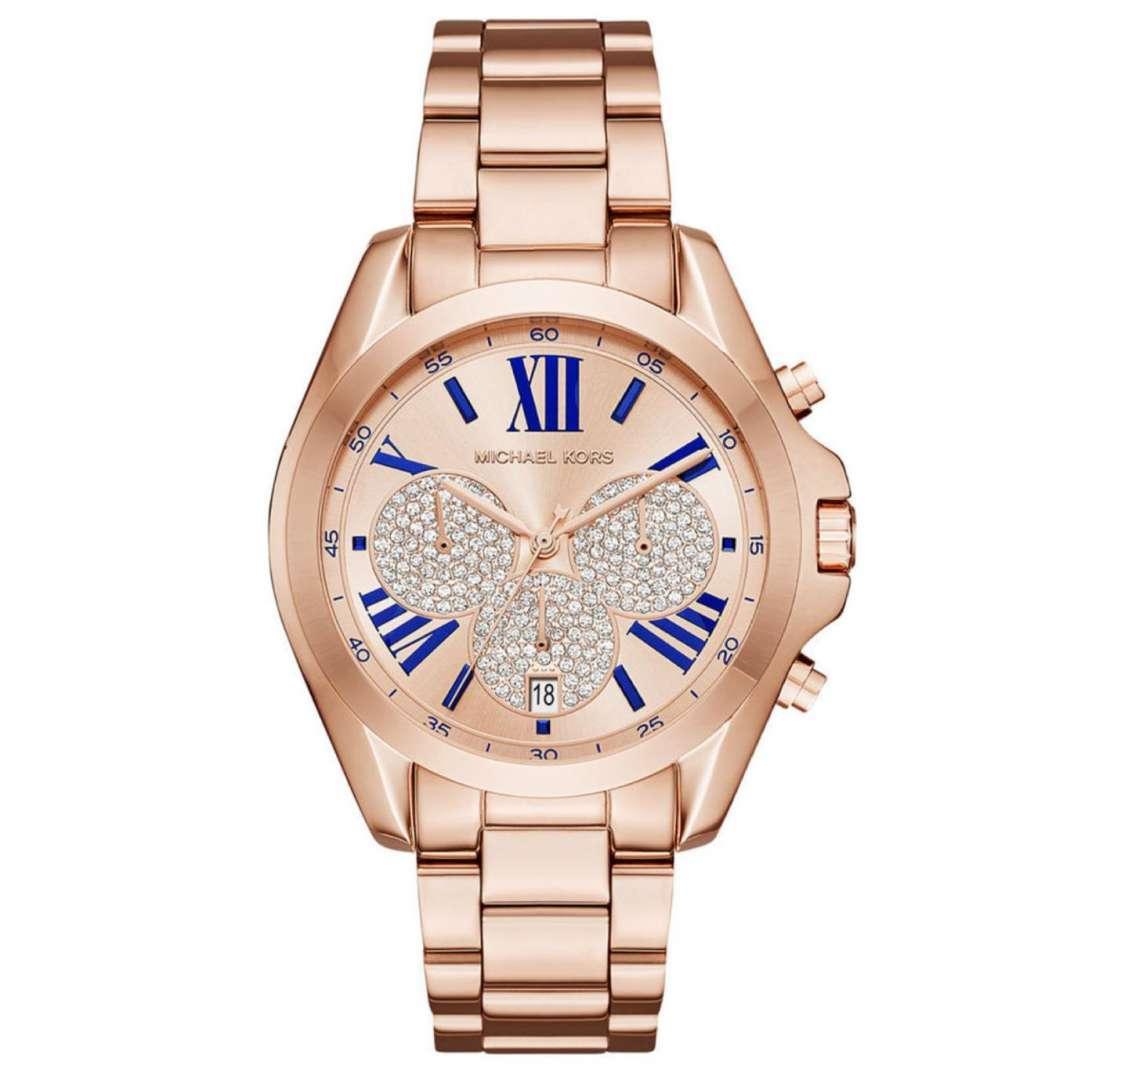 שעון יד אנלוגי לגבר michael kors mk6321 מייקל קורס